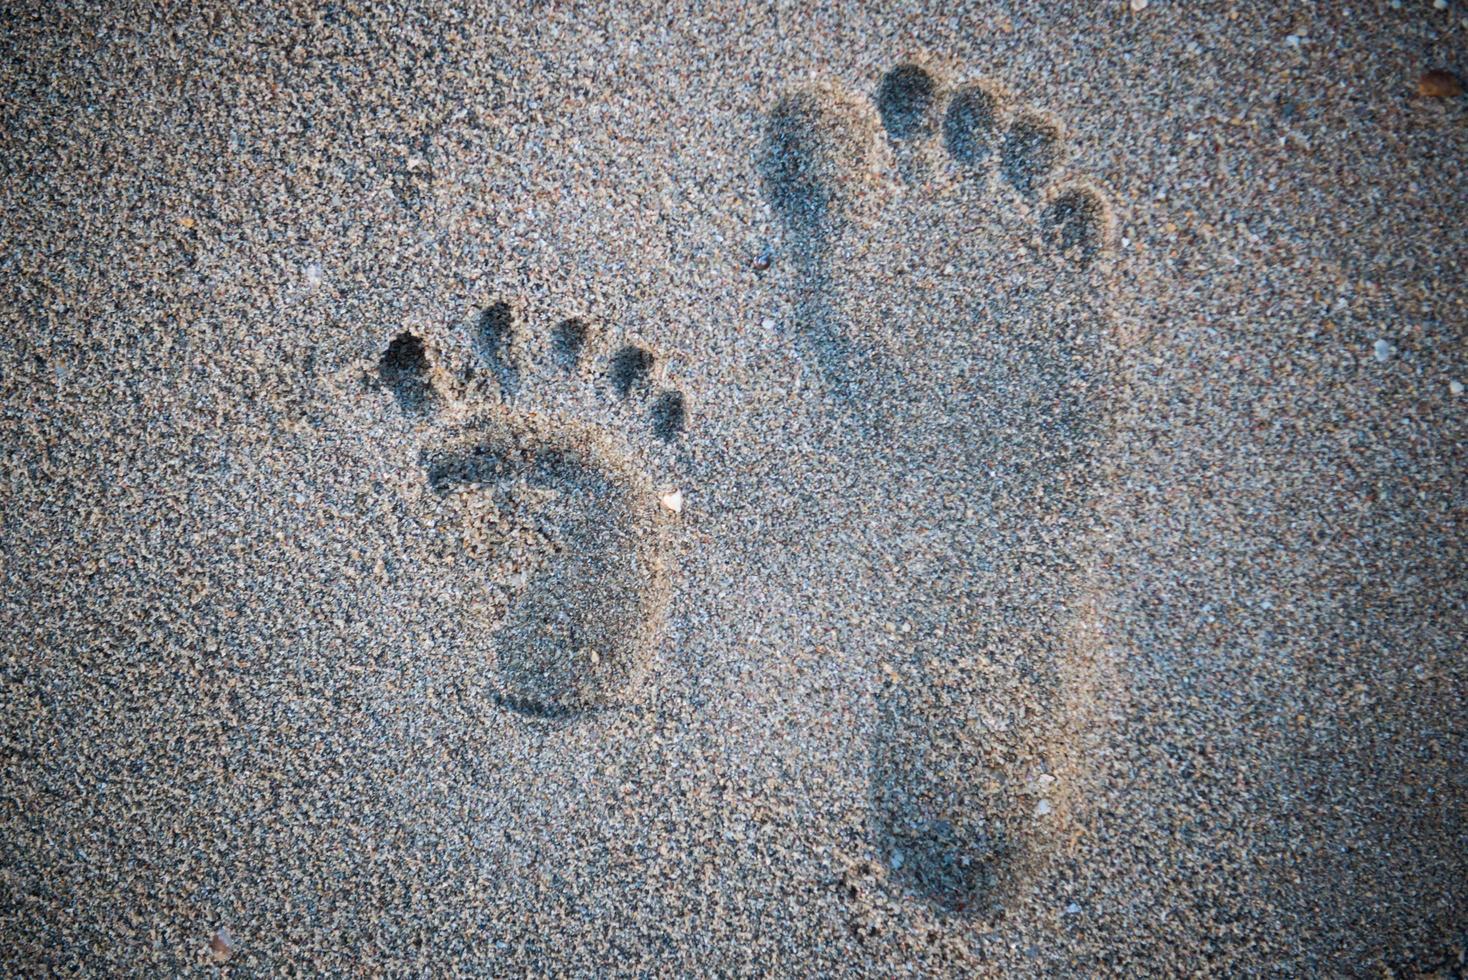 close-up foto van de juiste menselijke voetafdruk naast de voetafdruk van het kind op het tropische zandstrand